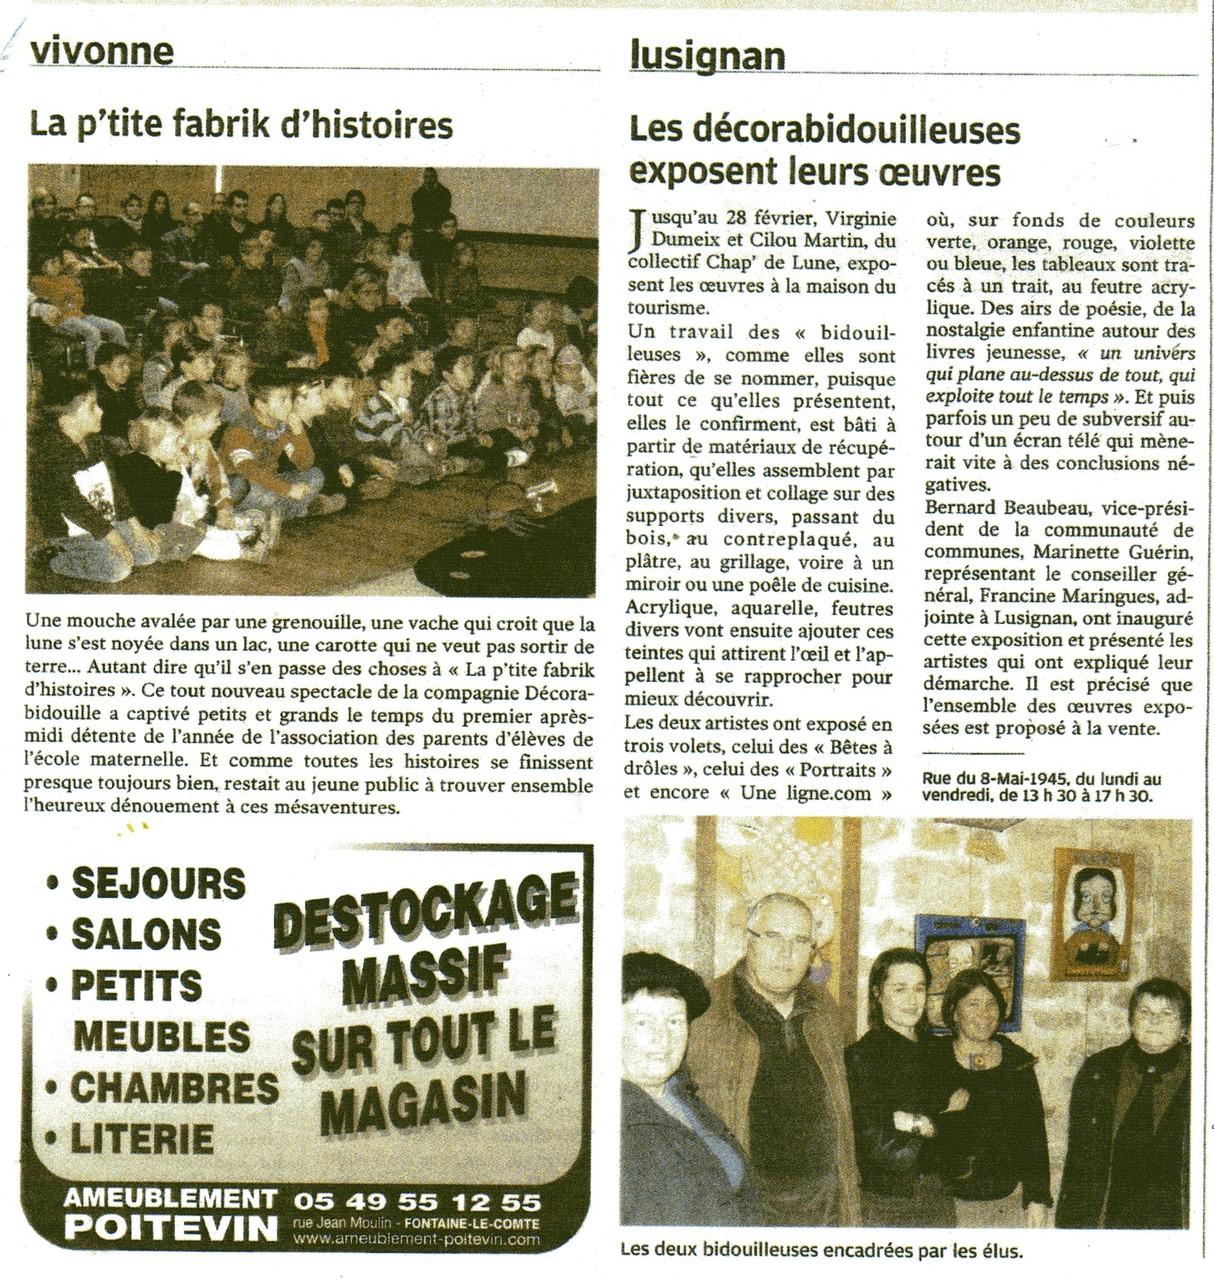 La P'tite fabrik D'histoires à Vivonne et Bidouilles à Lusignan-2012